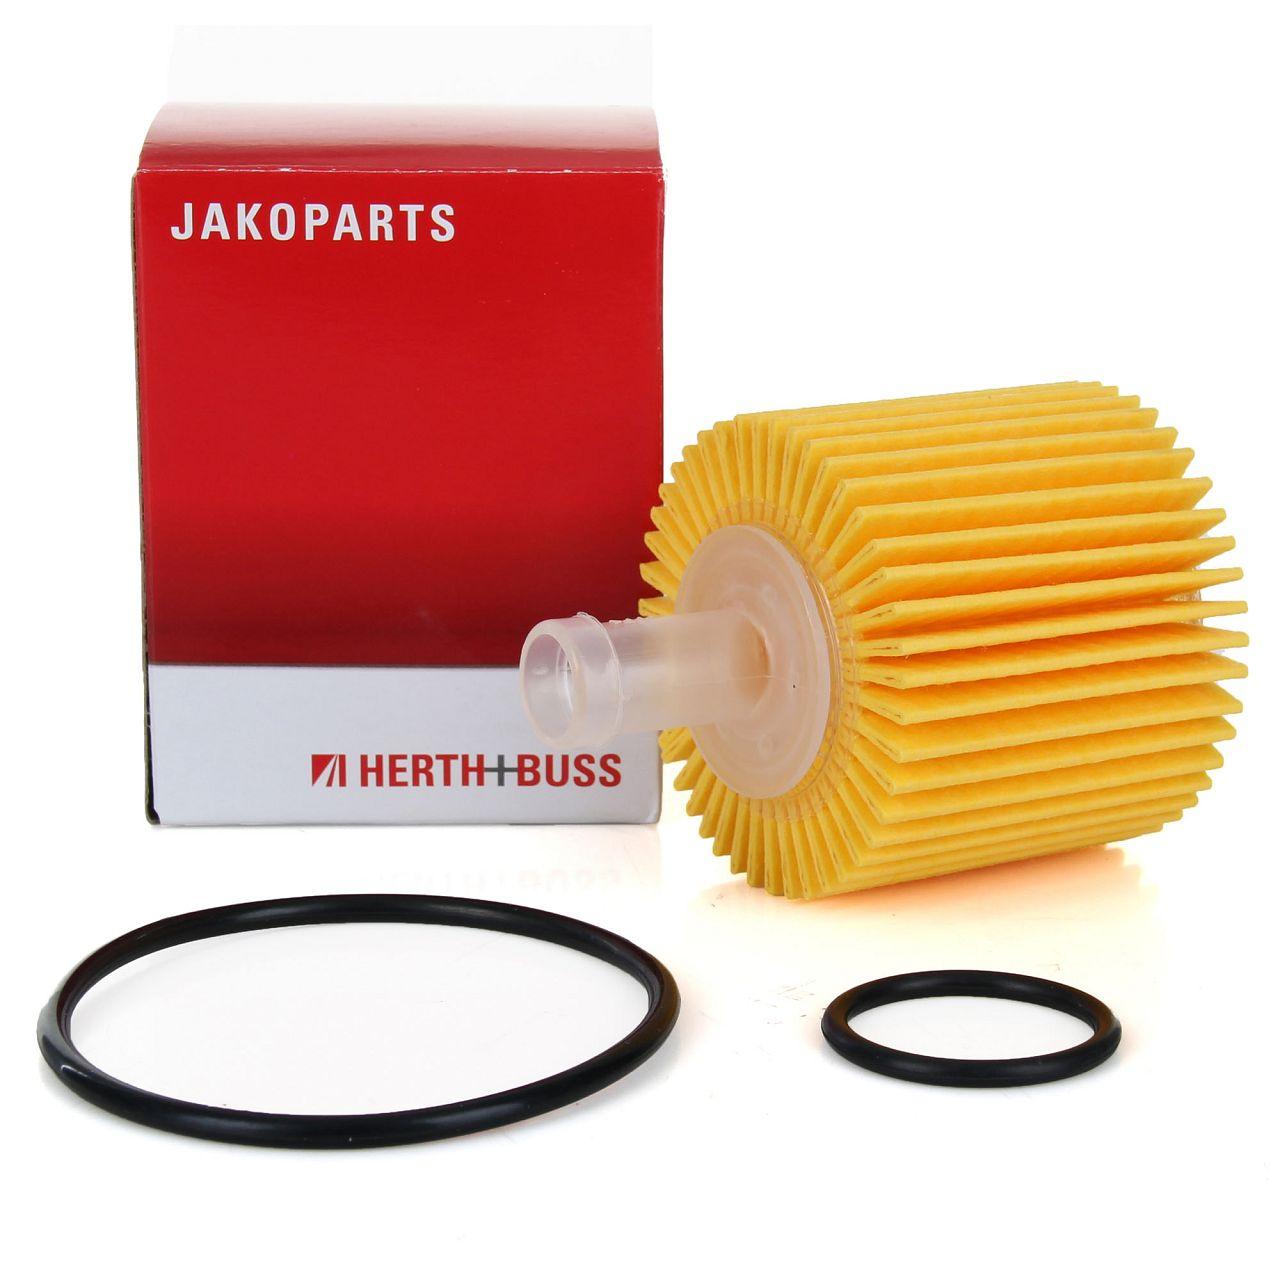 HERTH+BUSS JAKOPARTS Ölfilter für TOYOTA AURIS AVENSIS COROLLA IQ PRIUS RAV 4 V